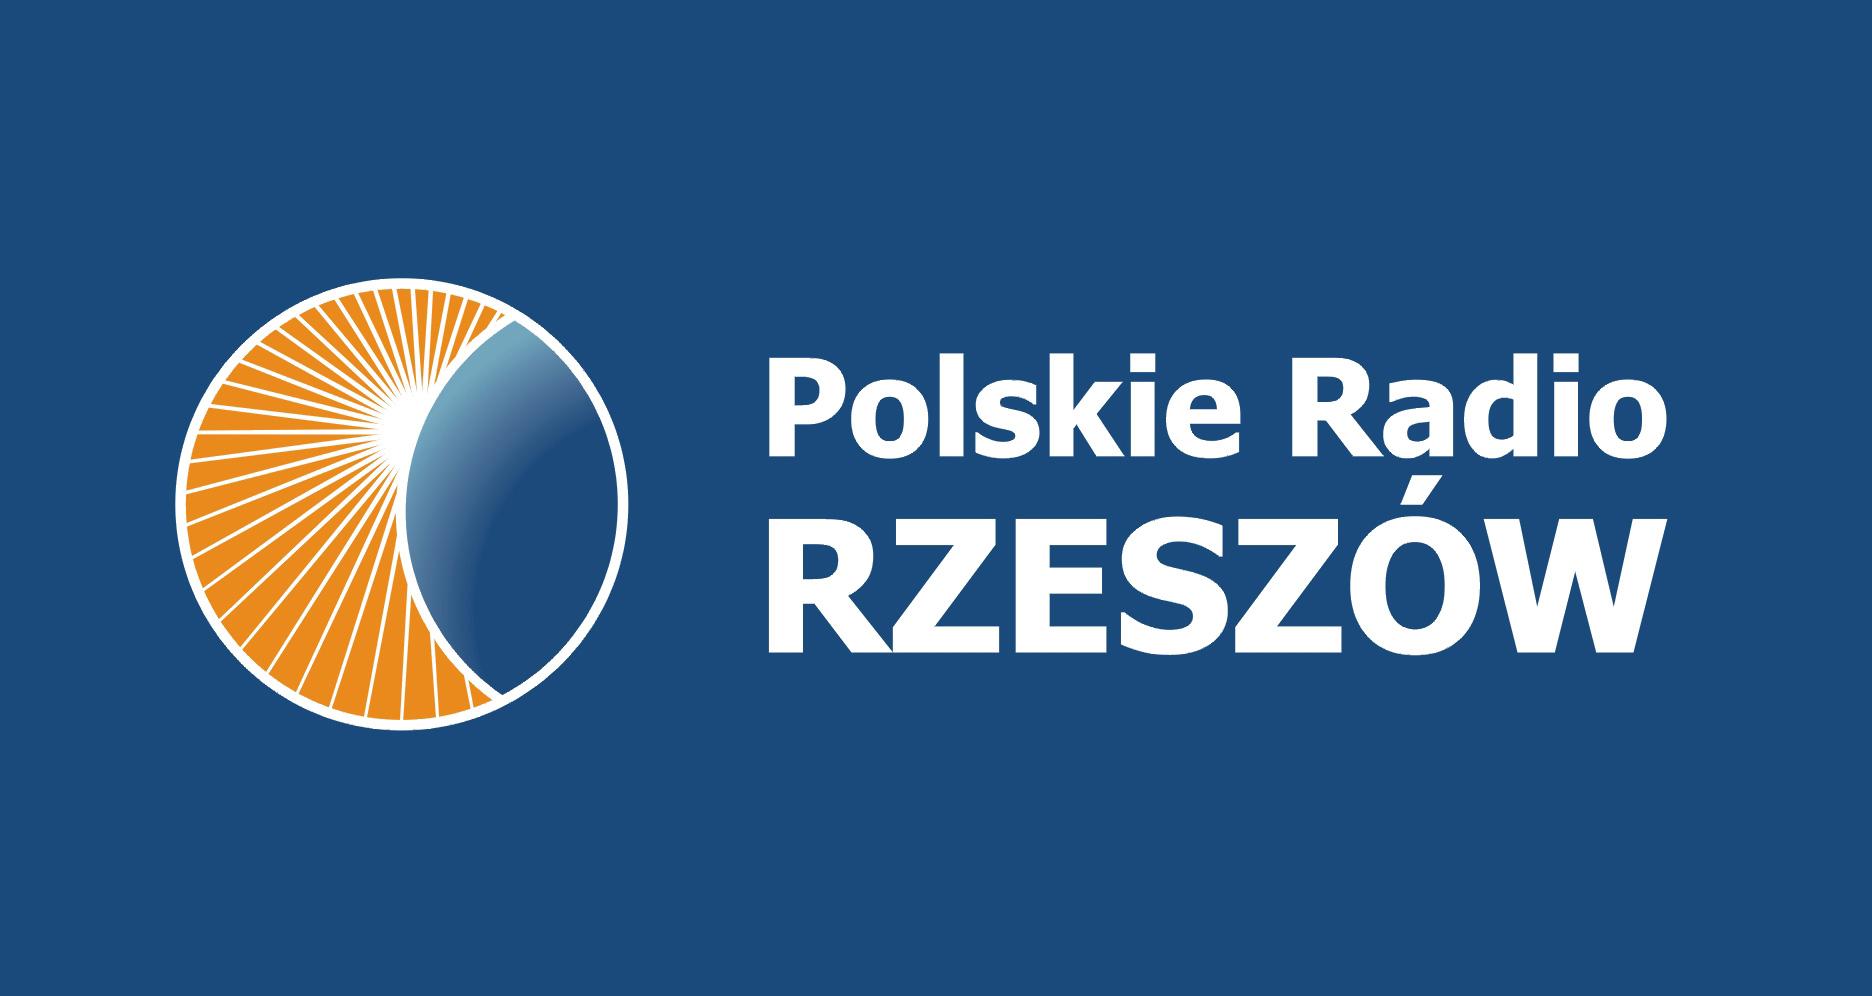 //www.akogomed.pl/word/wp-content/uploads/2021/02/logo-radio-rzeszow.jpg